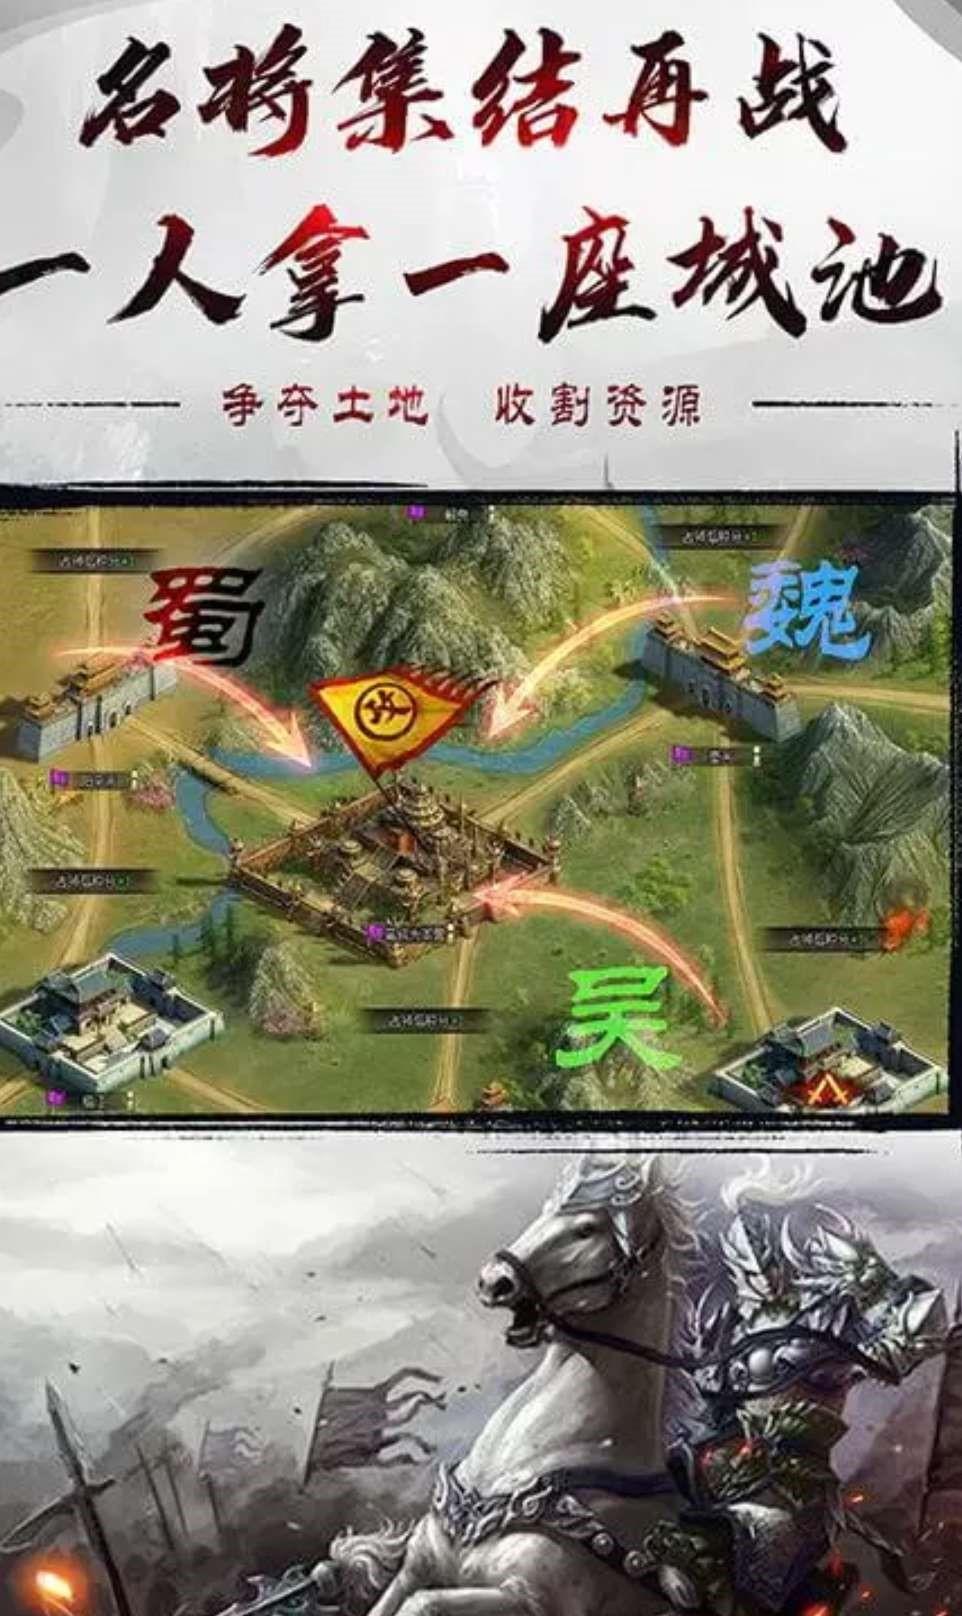 经典的三国阵营对阵 兵种策略玩法 尽在烈焰雄心